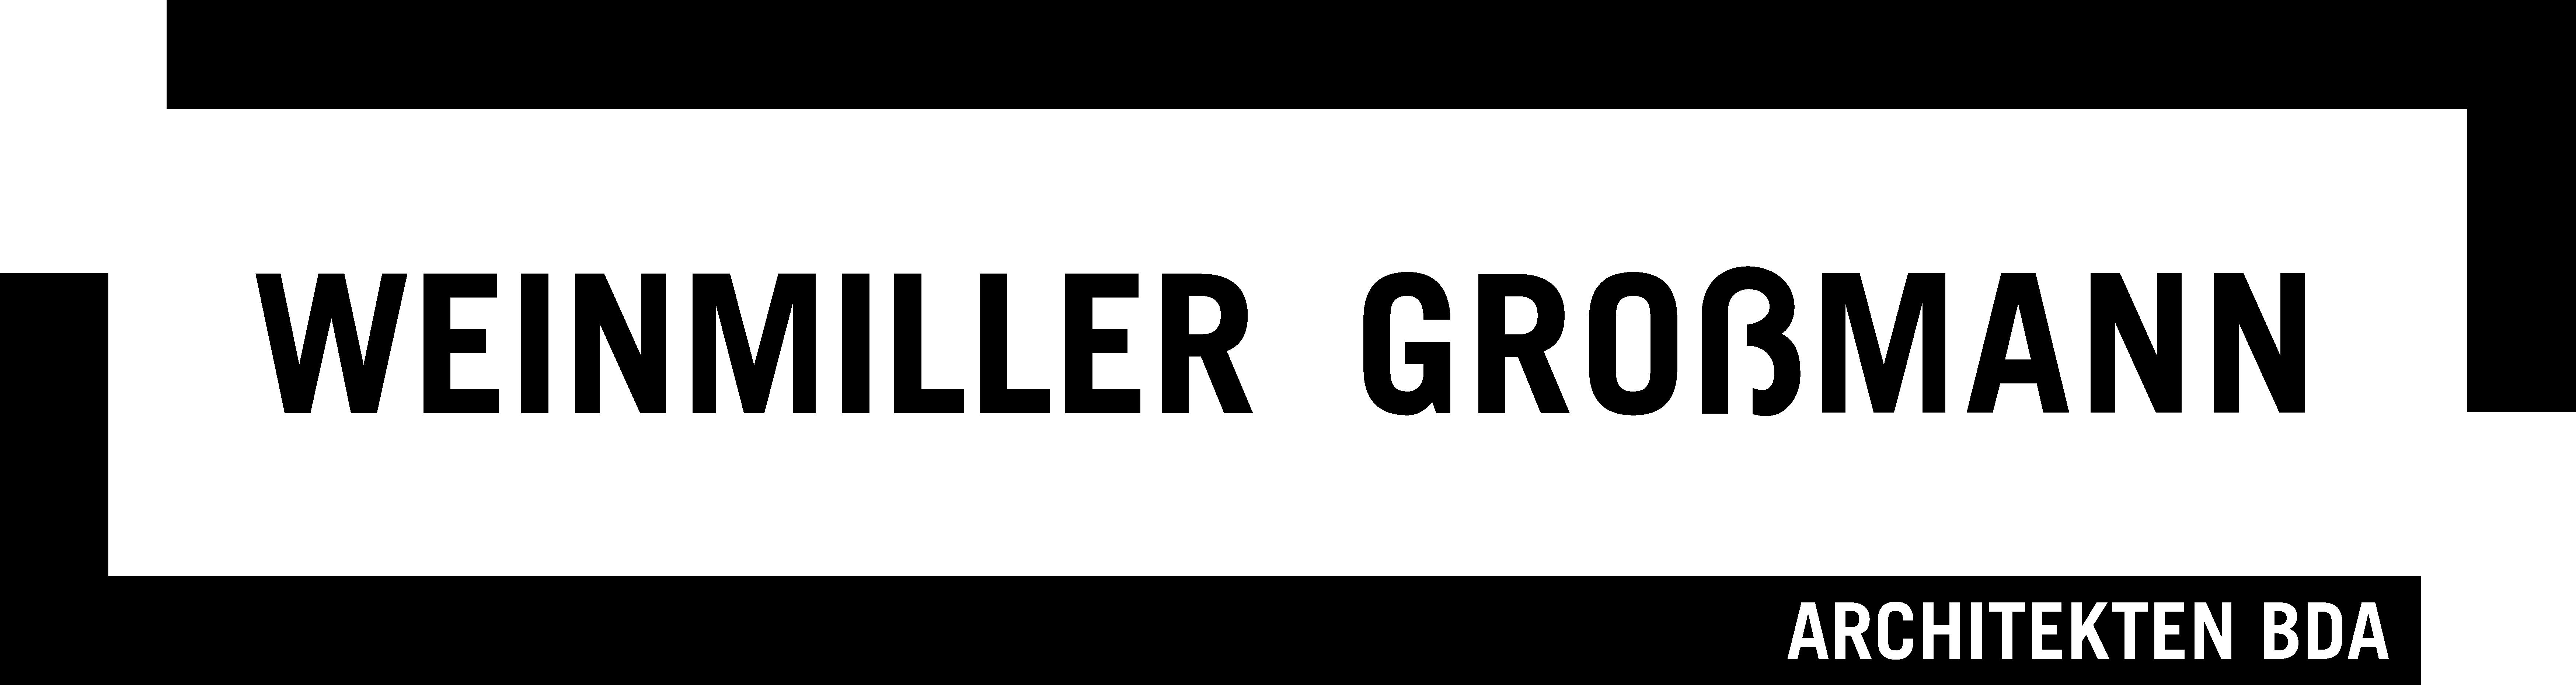 weinmillergrossmann